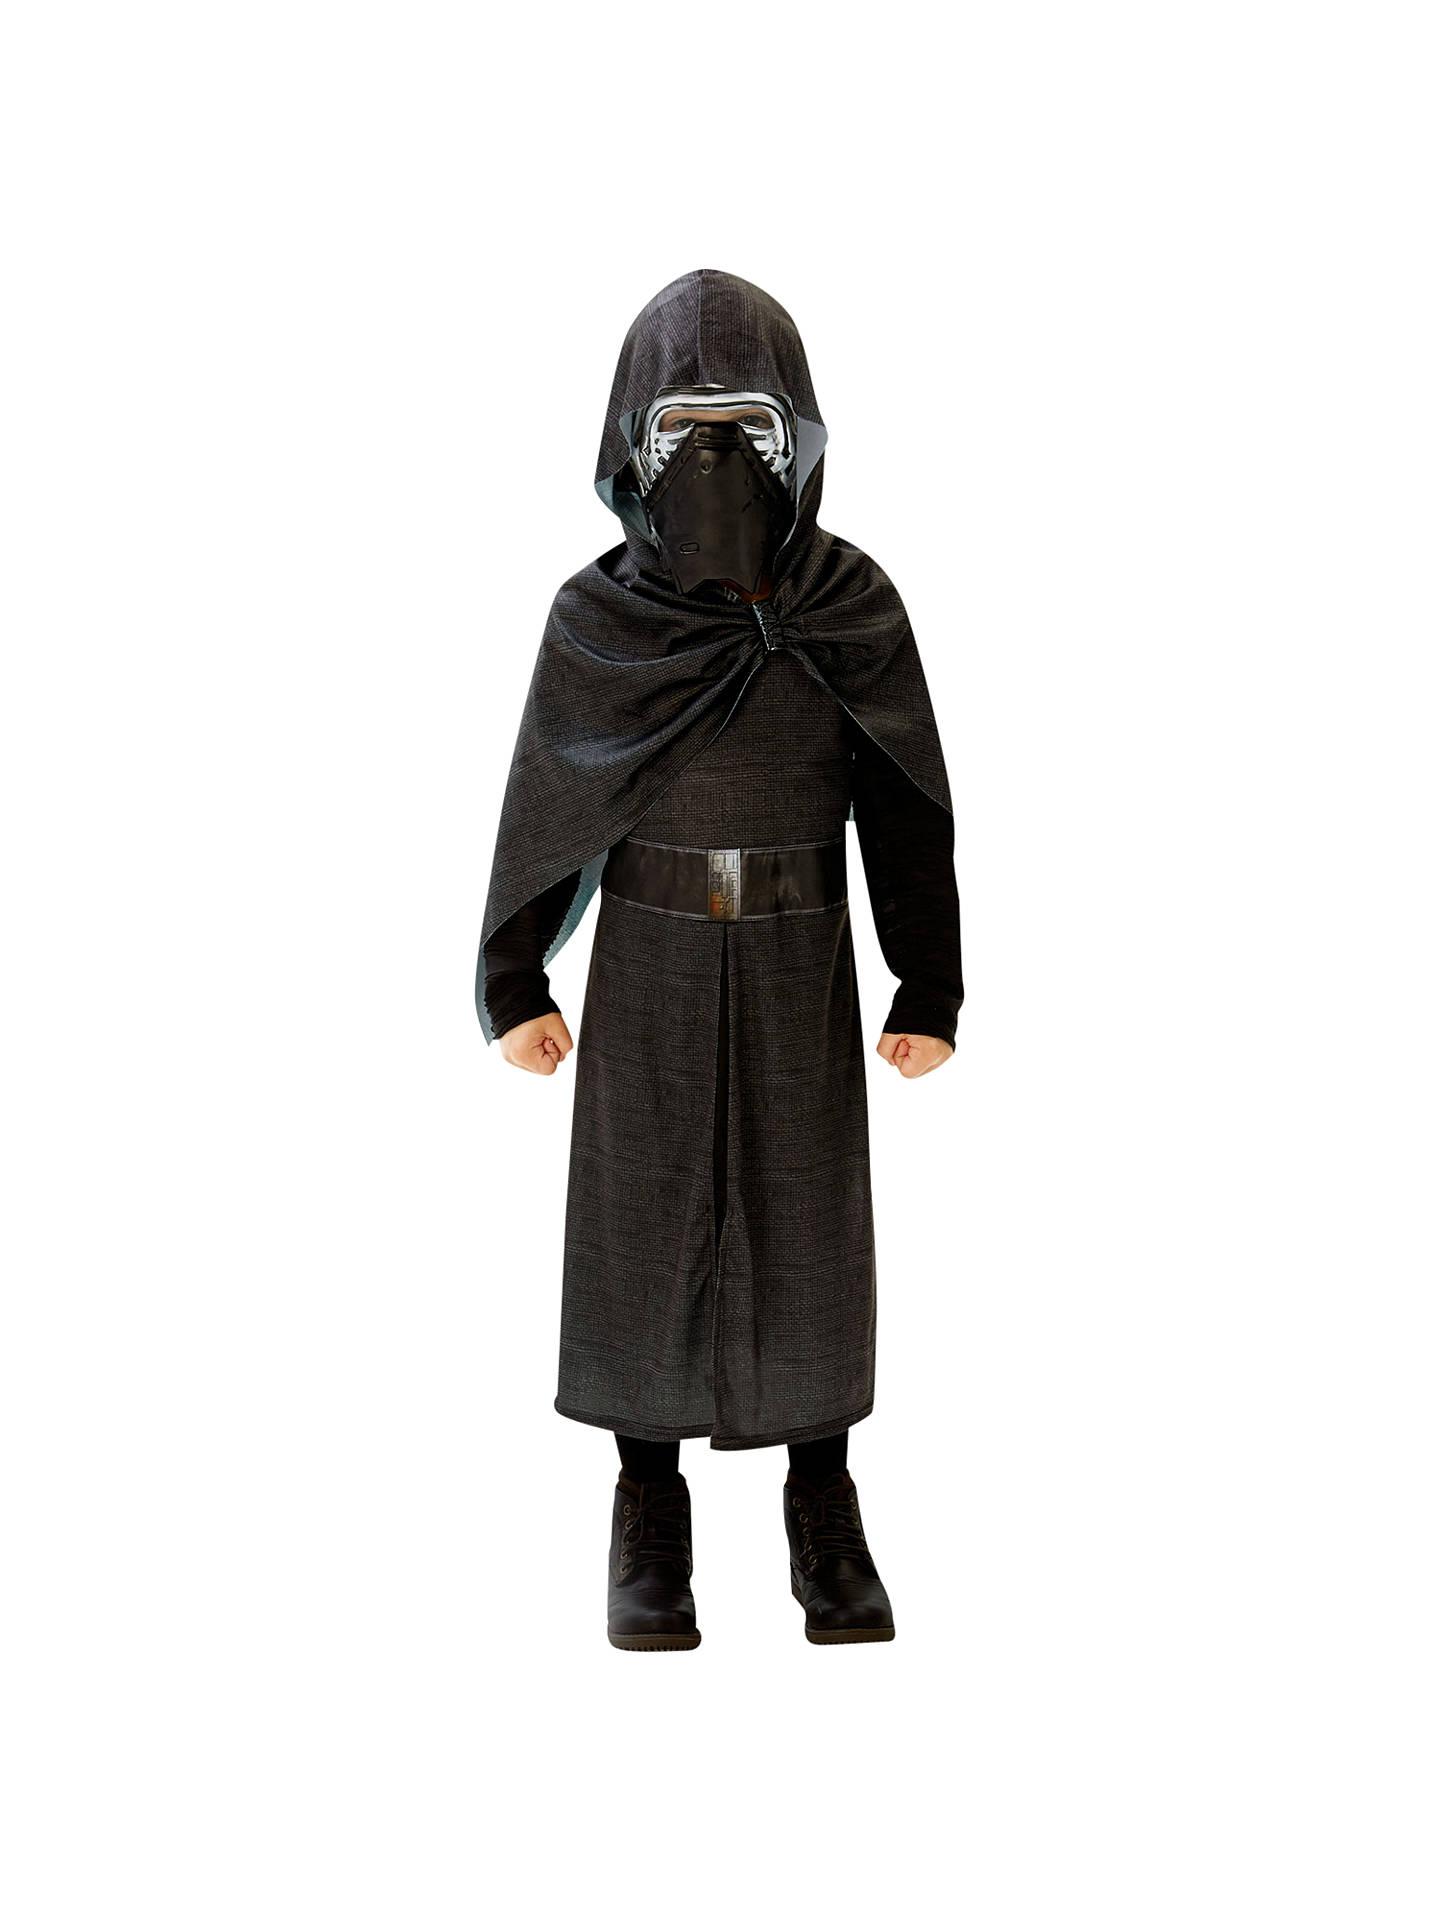 The Force Awakens Deluxe Kylo Ren Child Costume Star Wars